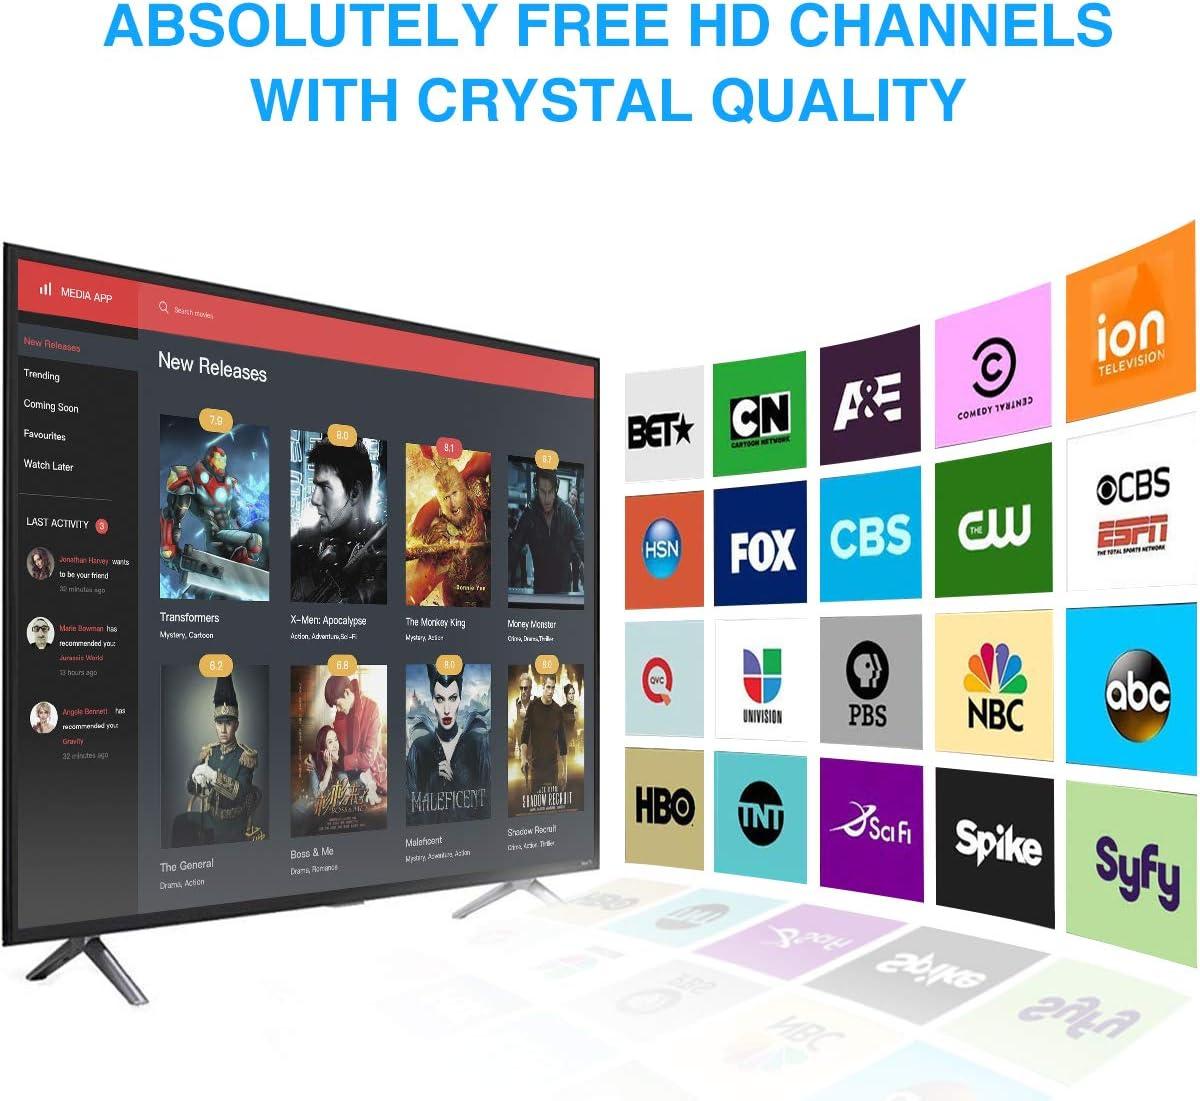 Antena de TV Rango de 96-200 KM Antena Interior HDTV con Amplificador Portatil Soporte 4K 1080p y Todos los televisores de Interior TV de Antena